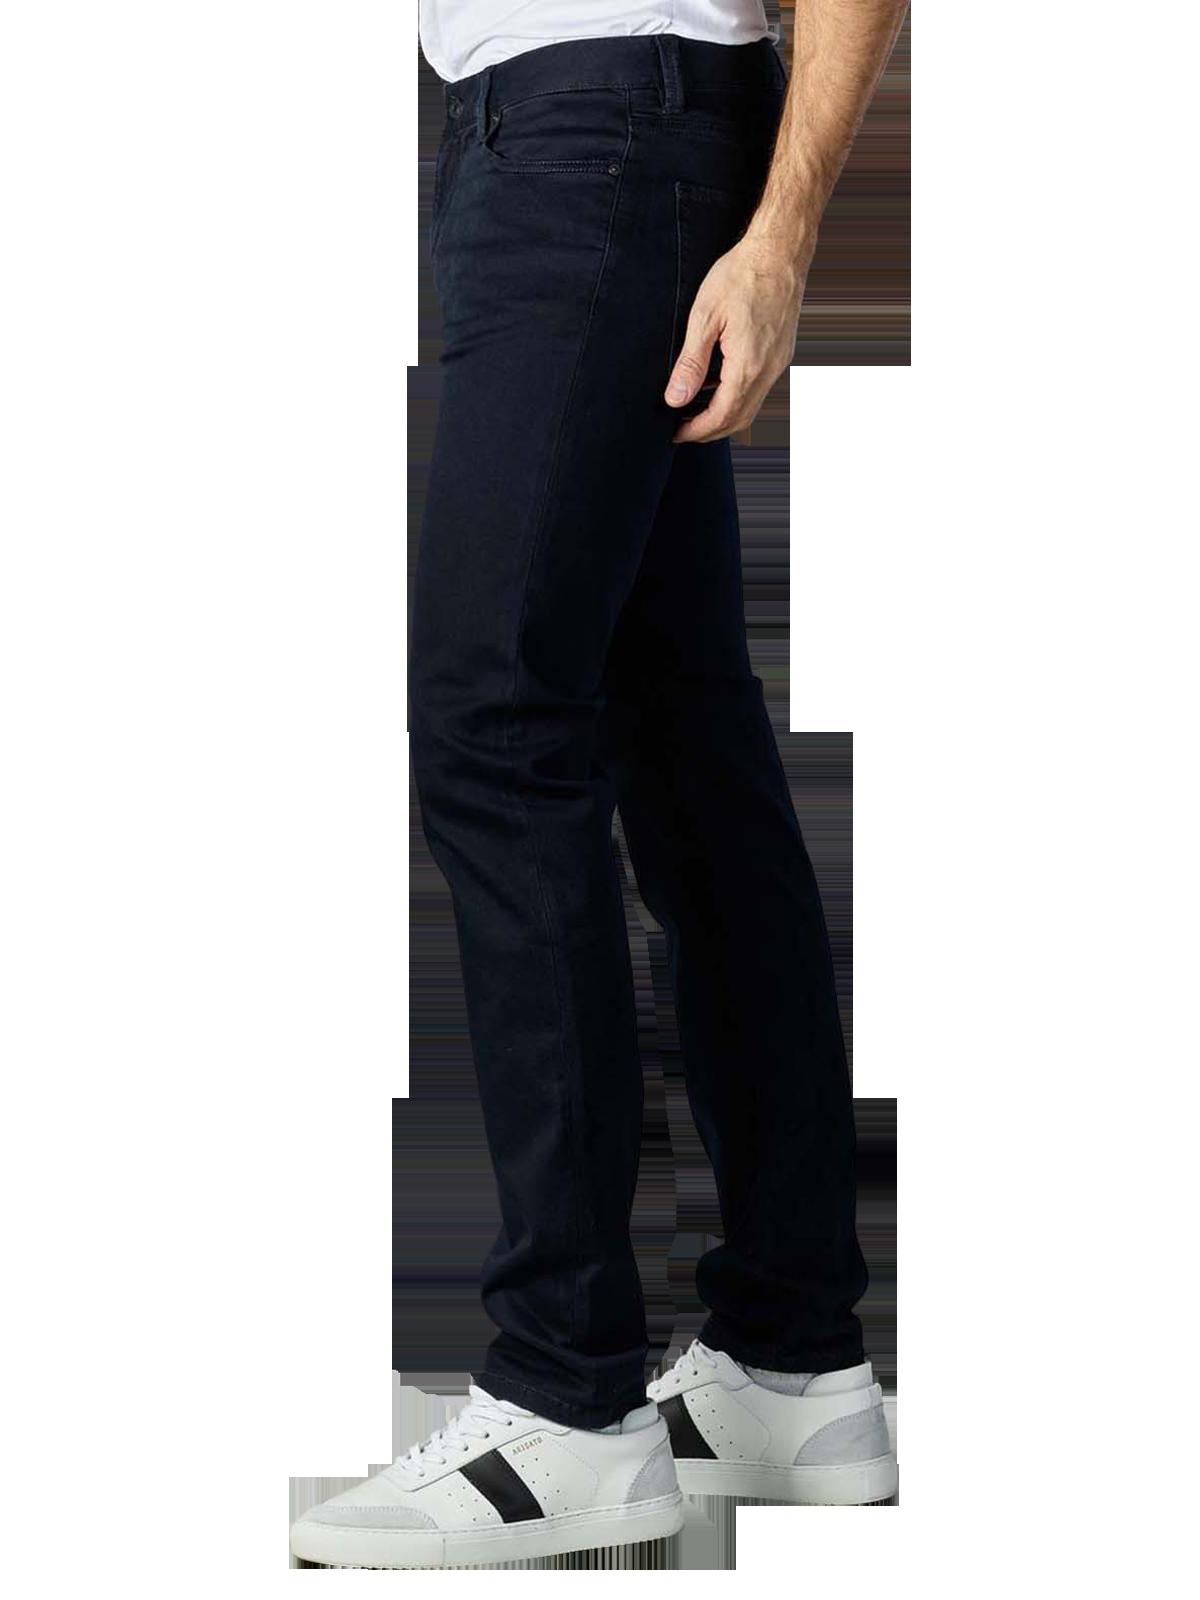 0190 alberto slim jeans blue dark denim 4837 1484 895 s 2